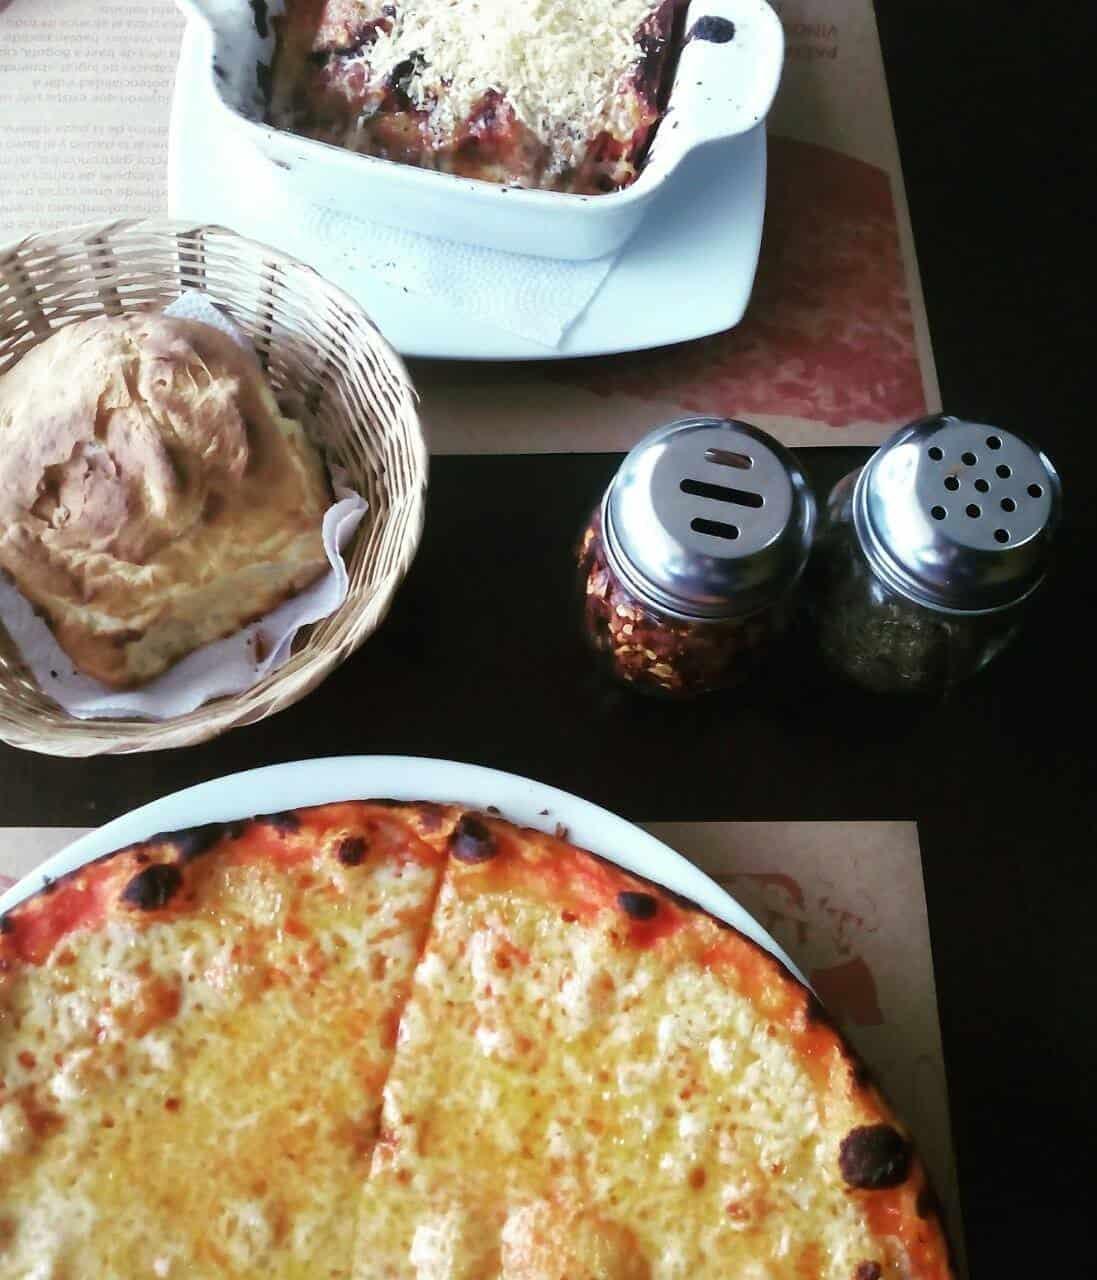 Restaurante de pizza en Bogotá Colombia. Foto:  Vegetarianoenbogotablog